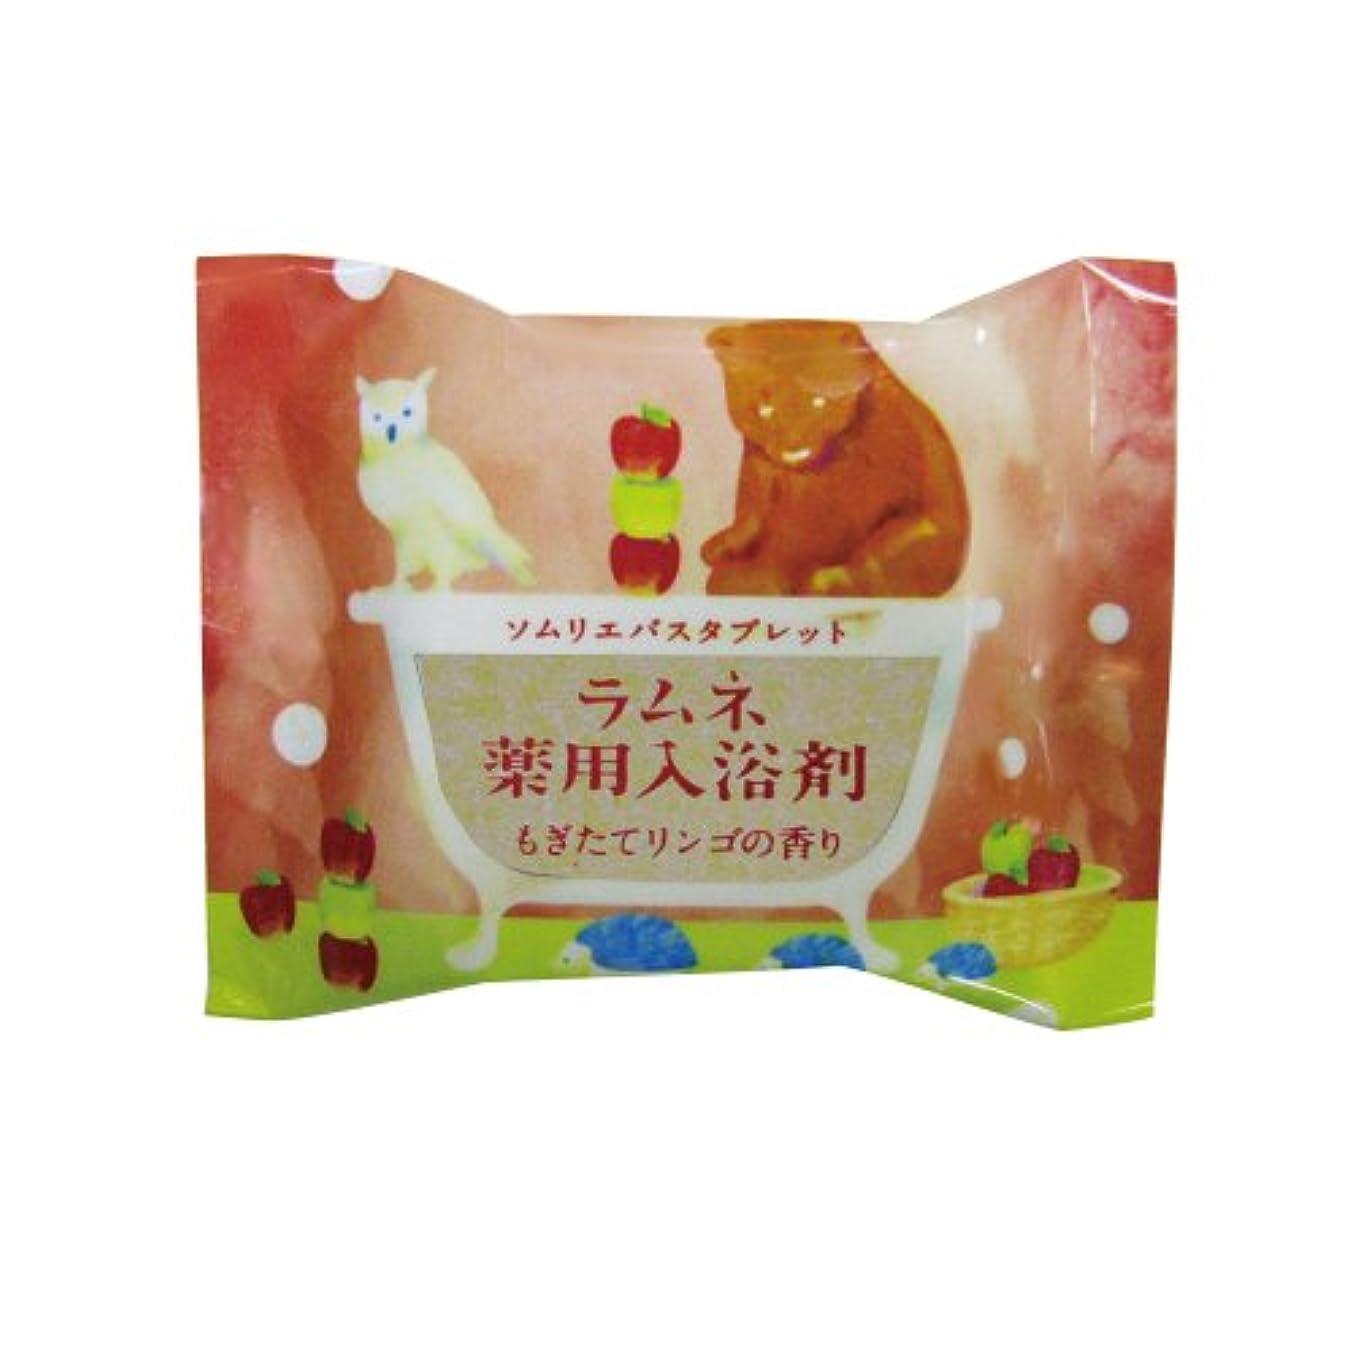 知っているに立ち寄る補足マニフェストソムリエバスタブレット ラムネ薬用入浴剤 もぎたてリンゴの香り 12個セット